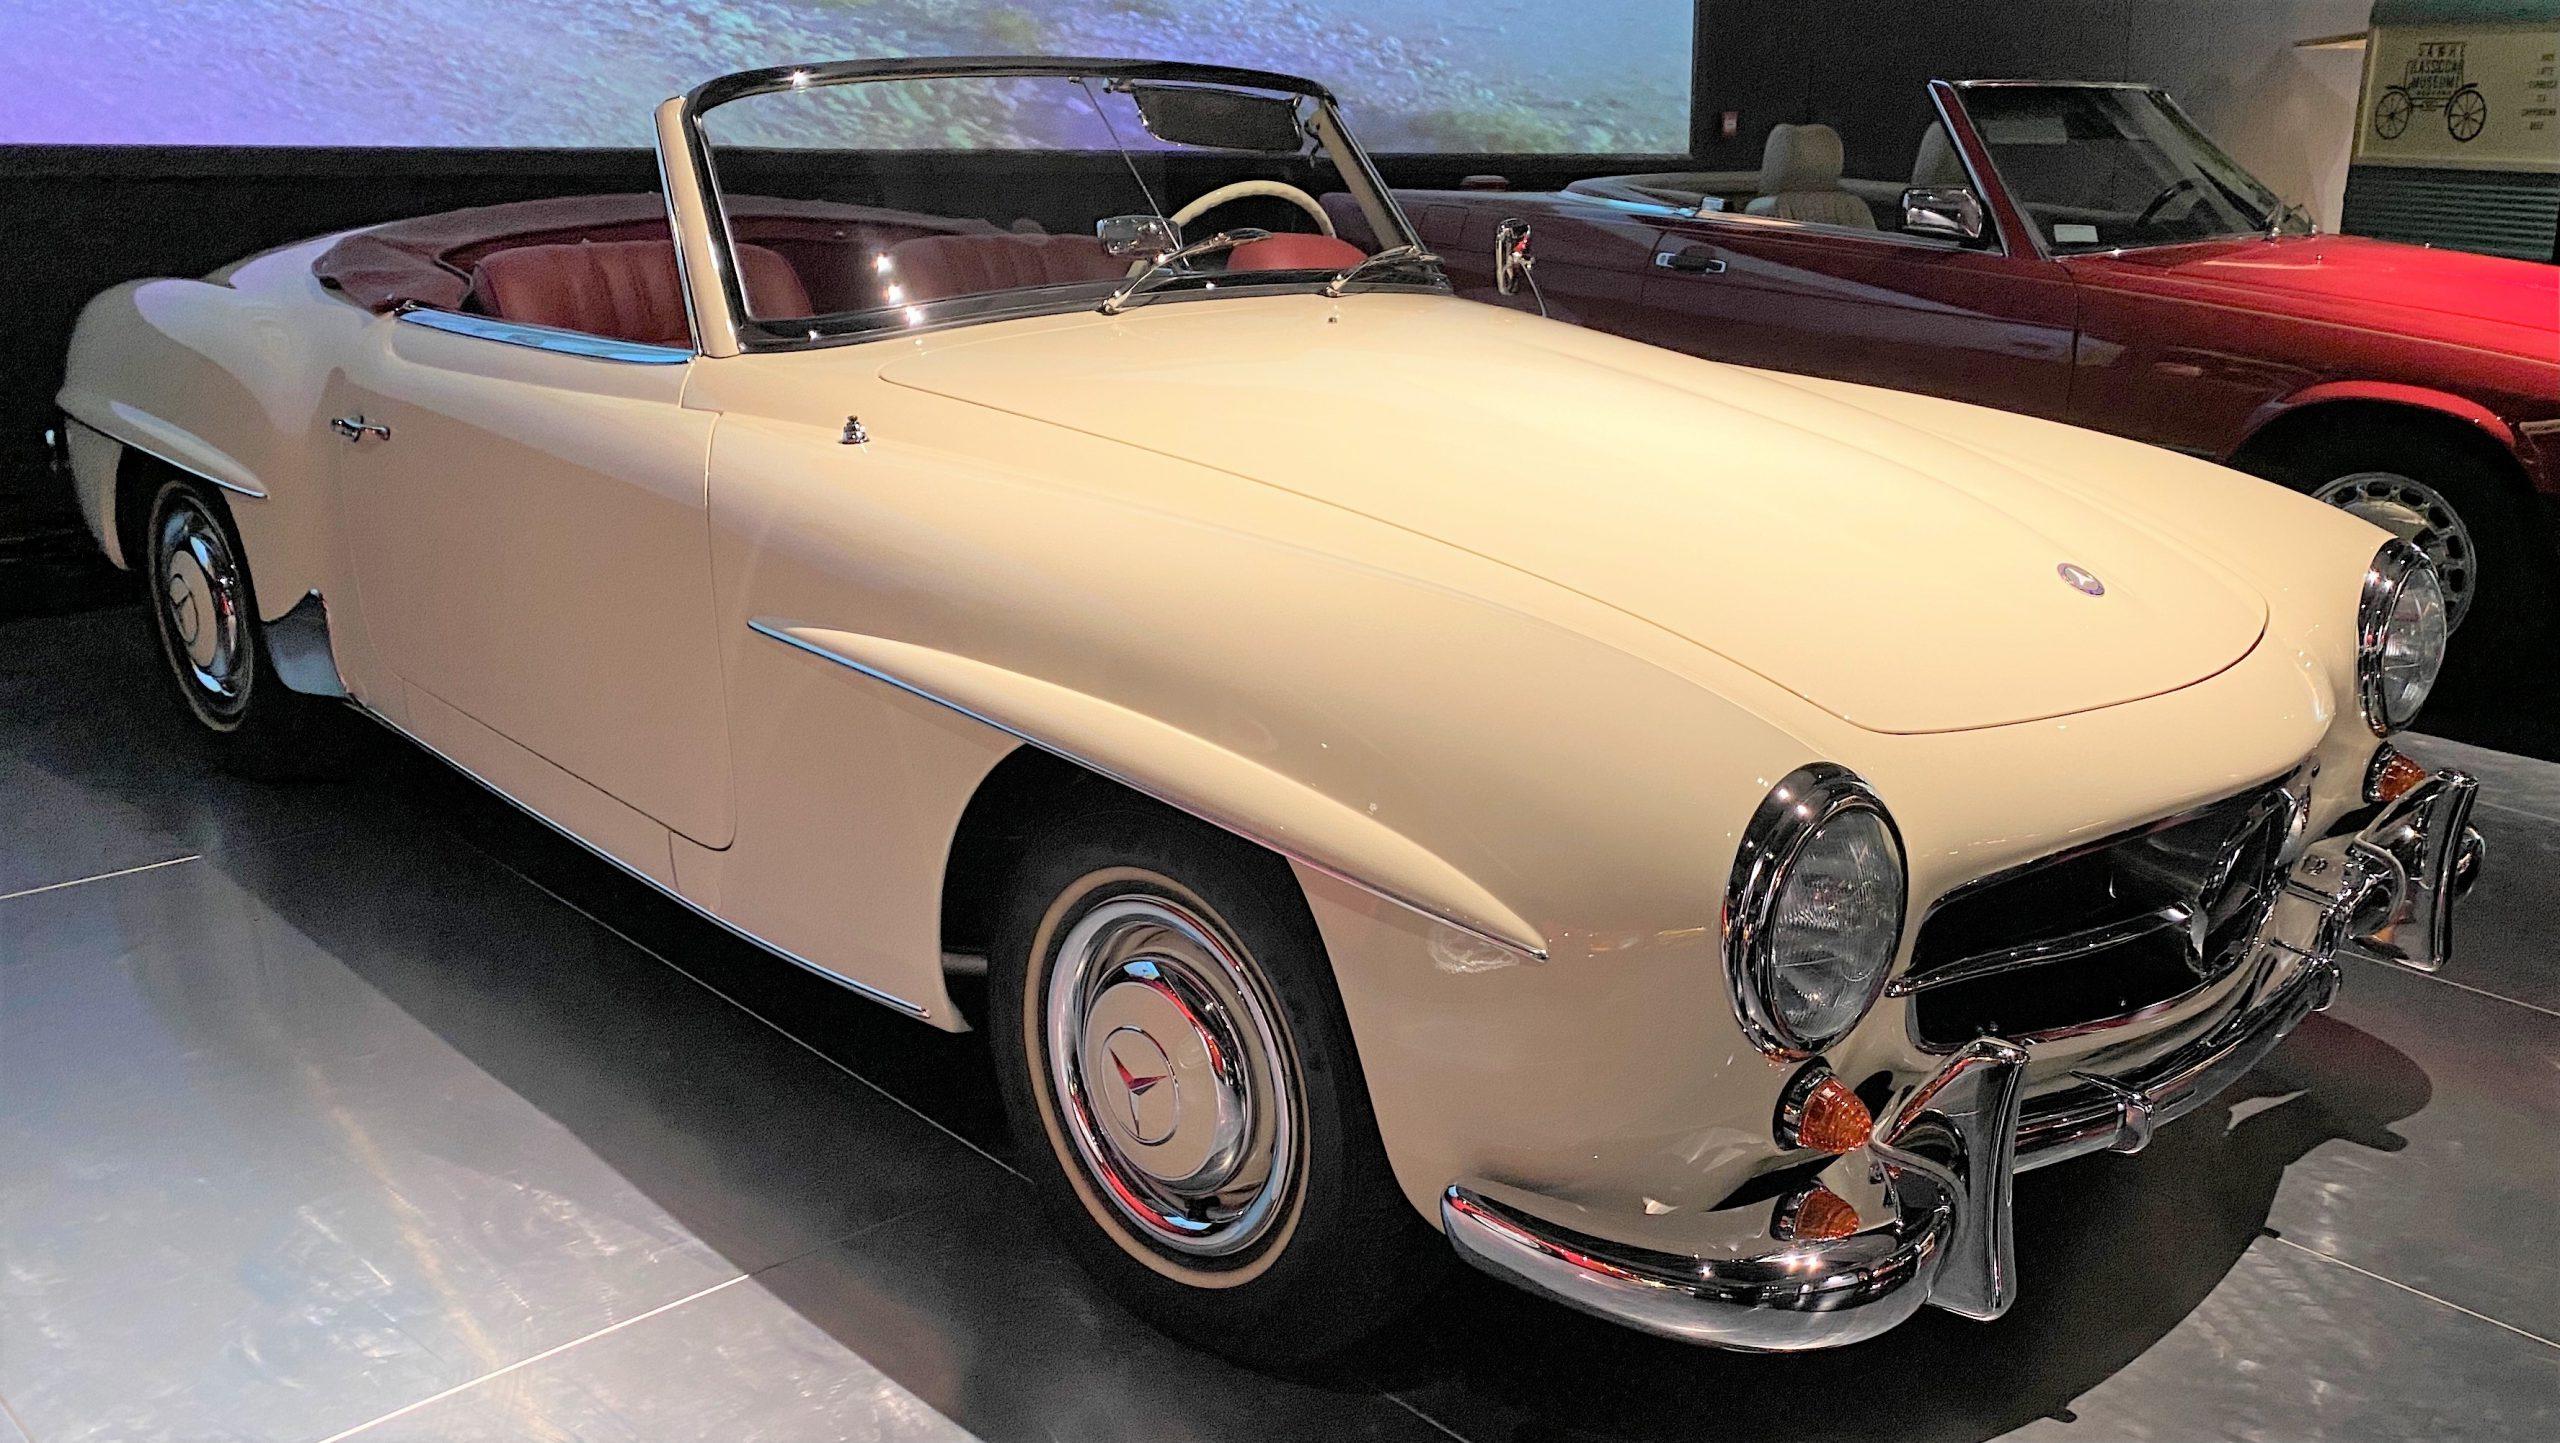 1955年メルセデスベンツ190SL-1955 Mercedes Bens 190SL-常設展-三和老爺車博物館-成都市-四川省